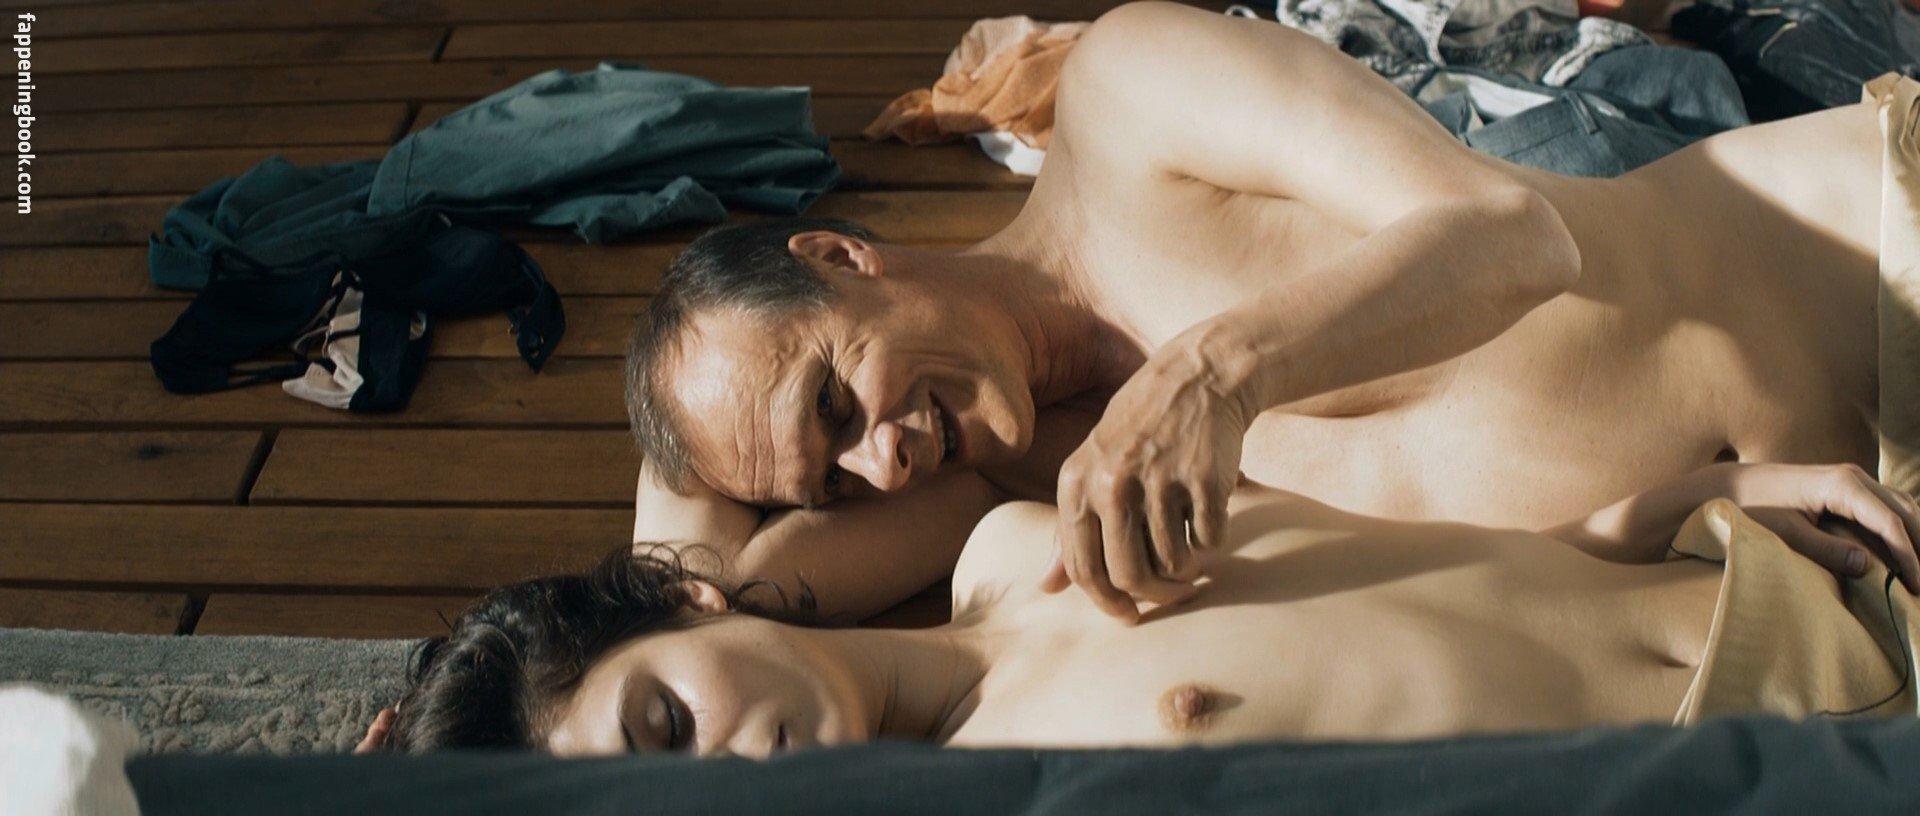 Nackt  Catlin Adams Movies i'd